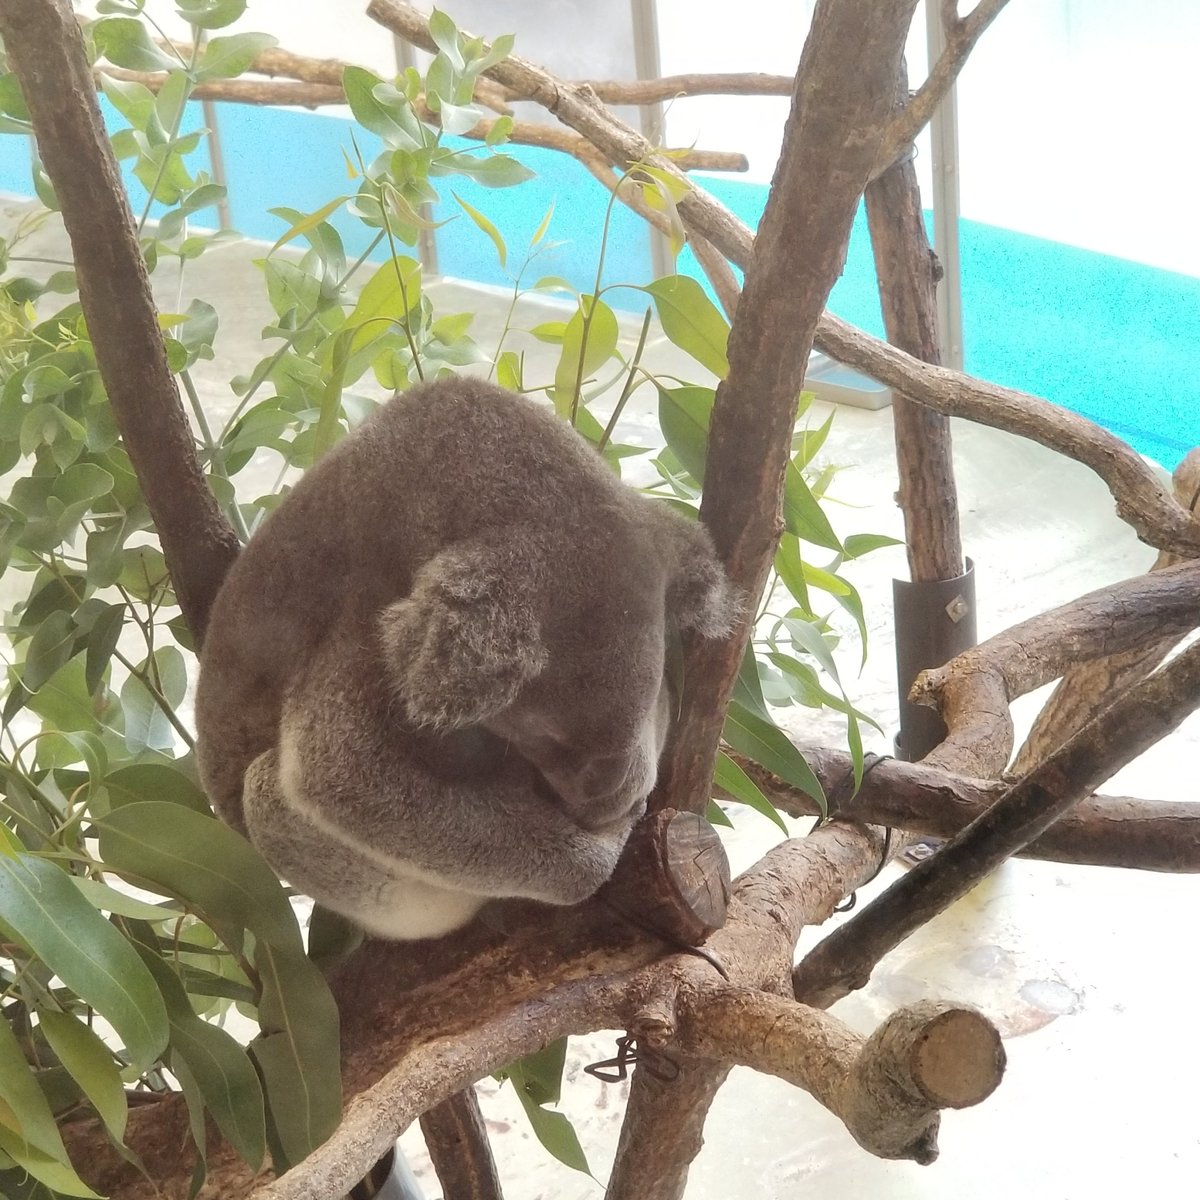 test ツイッターメディア - 今日は多摩動物園行ってきました。夏休みだったので! 金曜だから遠足の子どもらが多かったけど、昼過ぎに行ったからあまり遭遇しなくて済みましたー。良かった! 東山動物園のコアラ見たくて行った、みたいな所あったんだけど、残念な事に名前が書いてなかった…どの子がこまちときららなのだろうか… https://t.co/0PVh2Au8OB